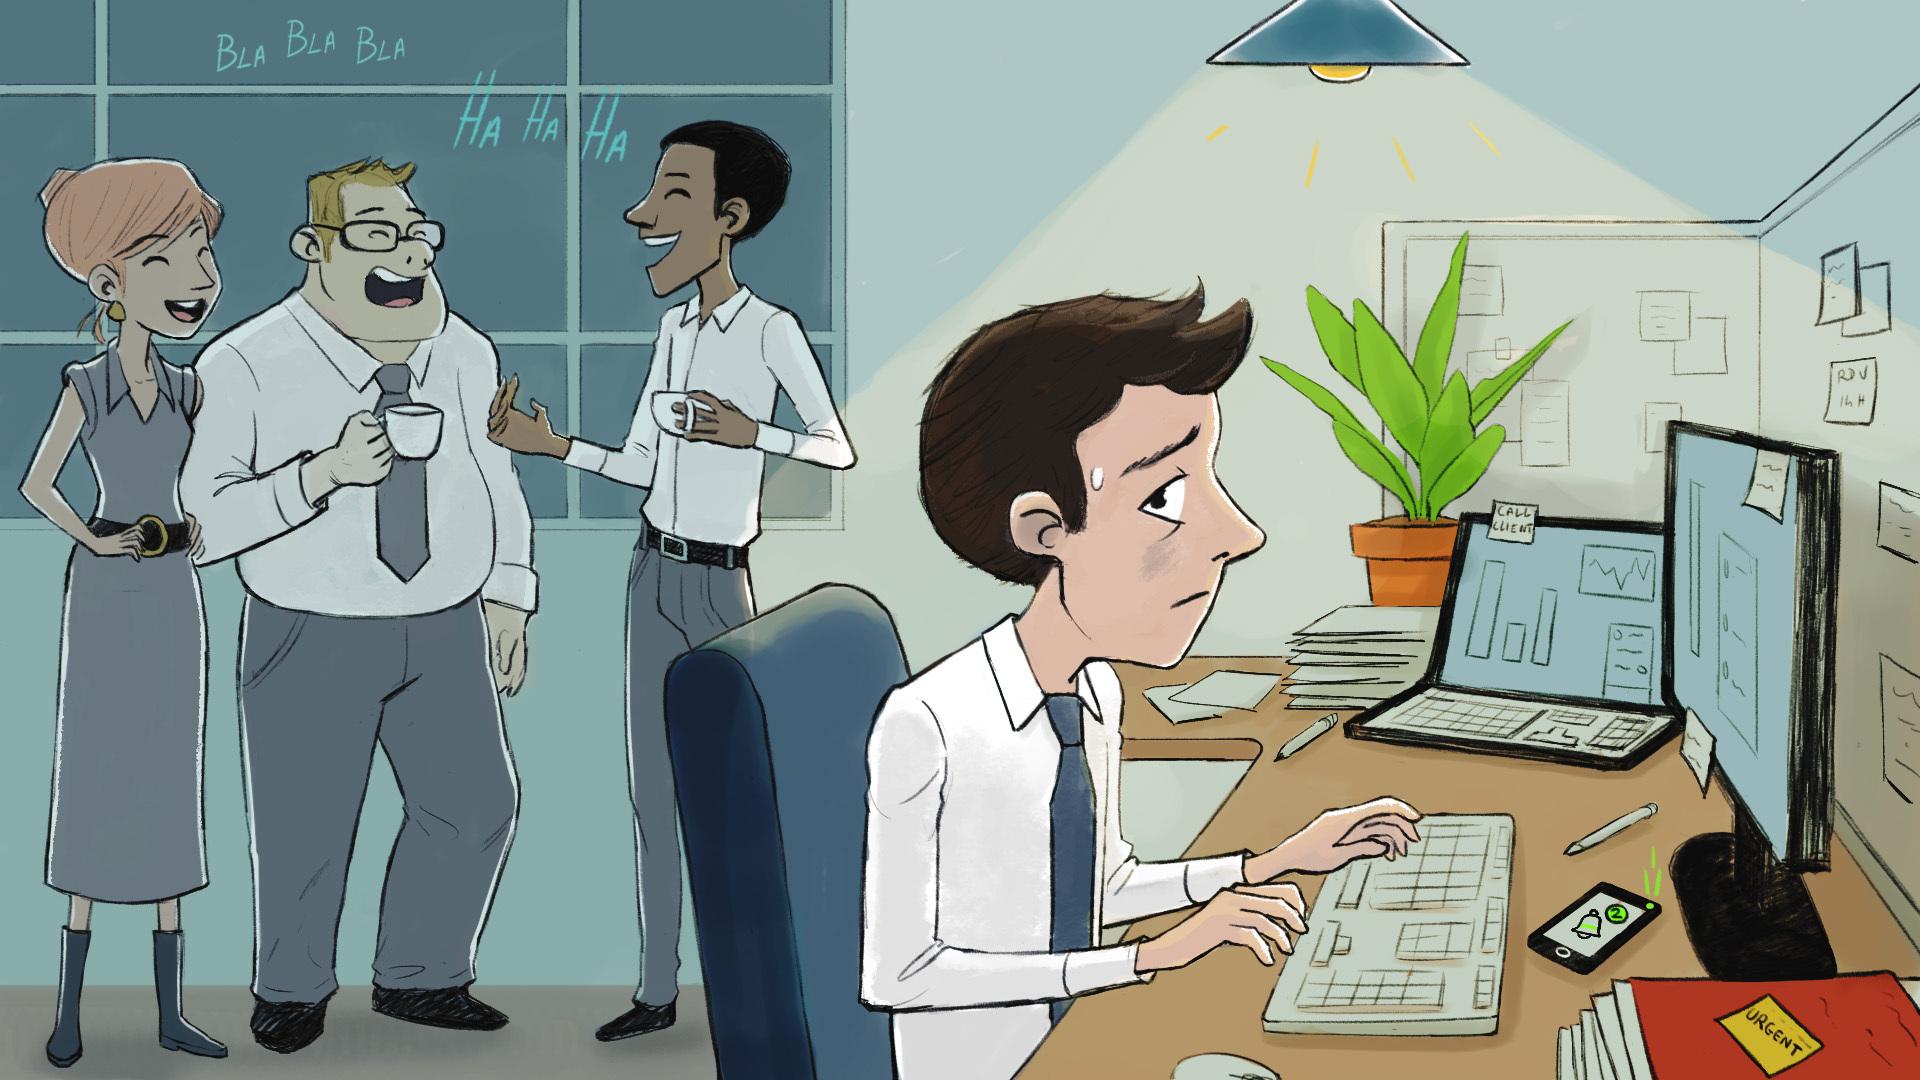 Homme essayant de se concentrer malgré ses collègues qui font du bruit derrière lui